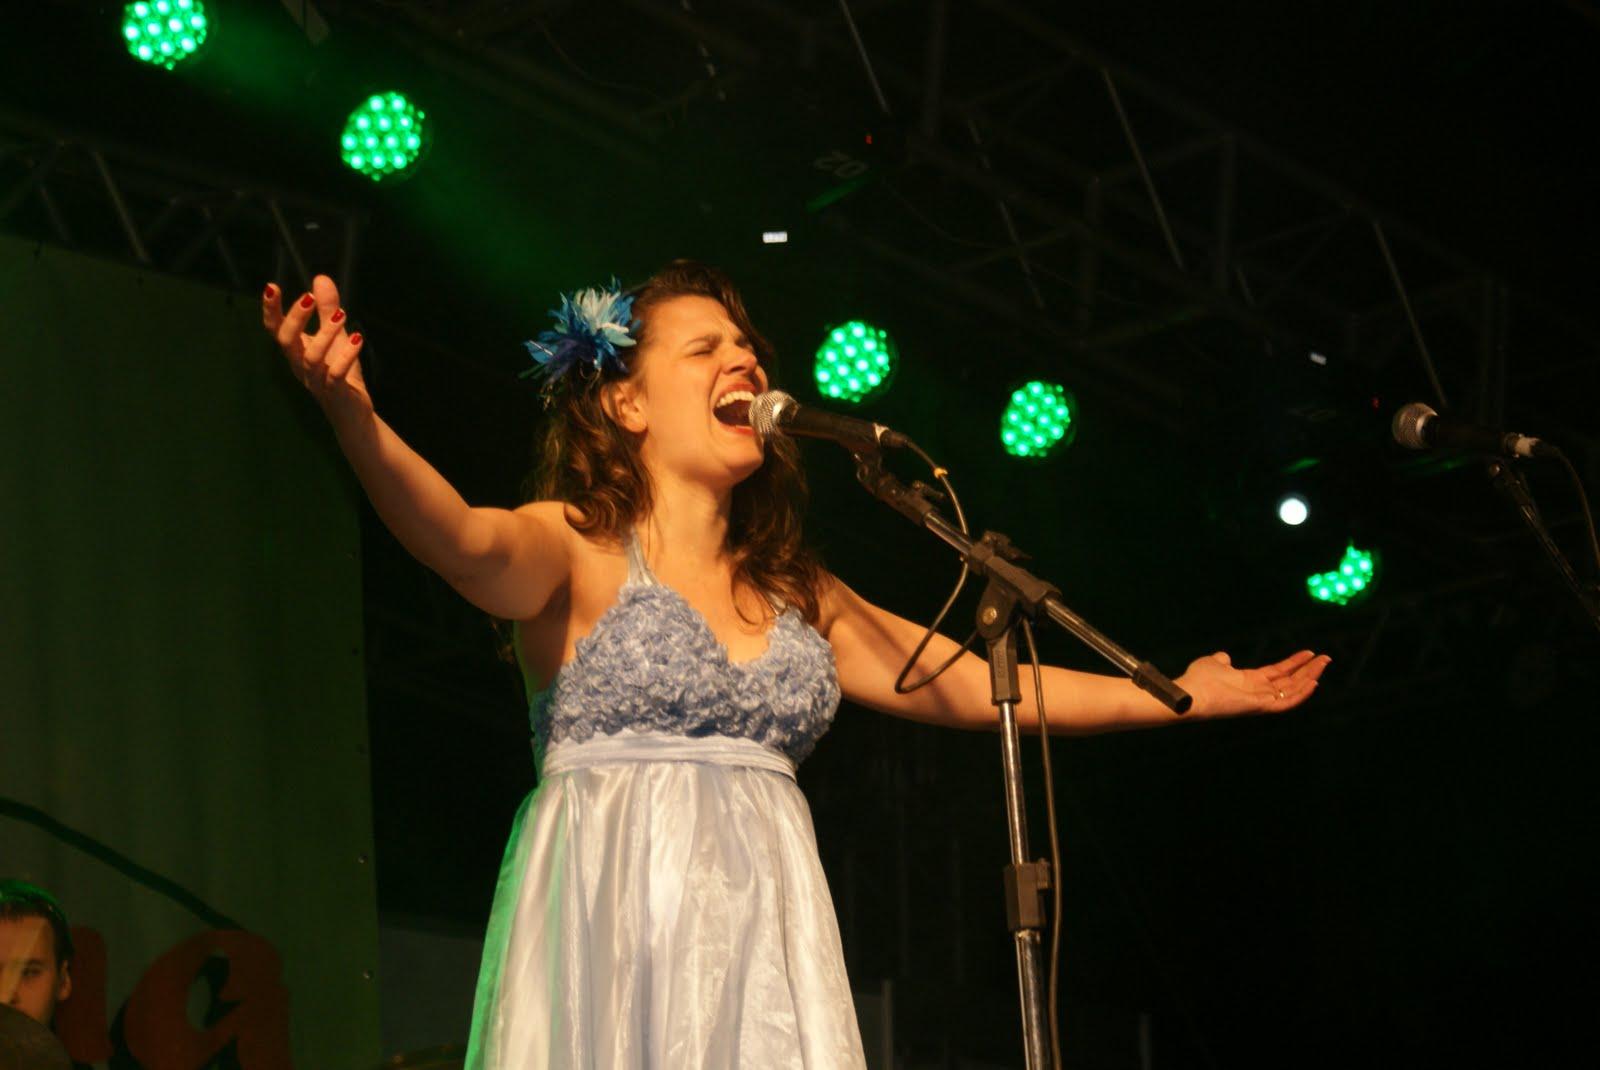 BAIXAR 2008 MUSICAS ENART